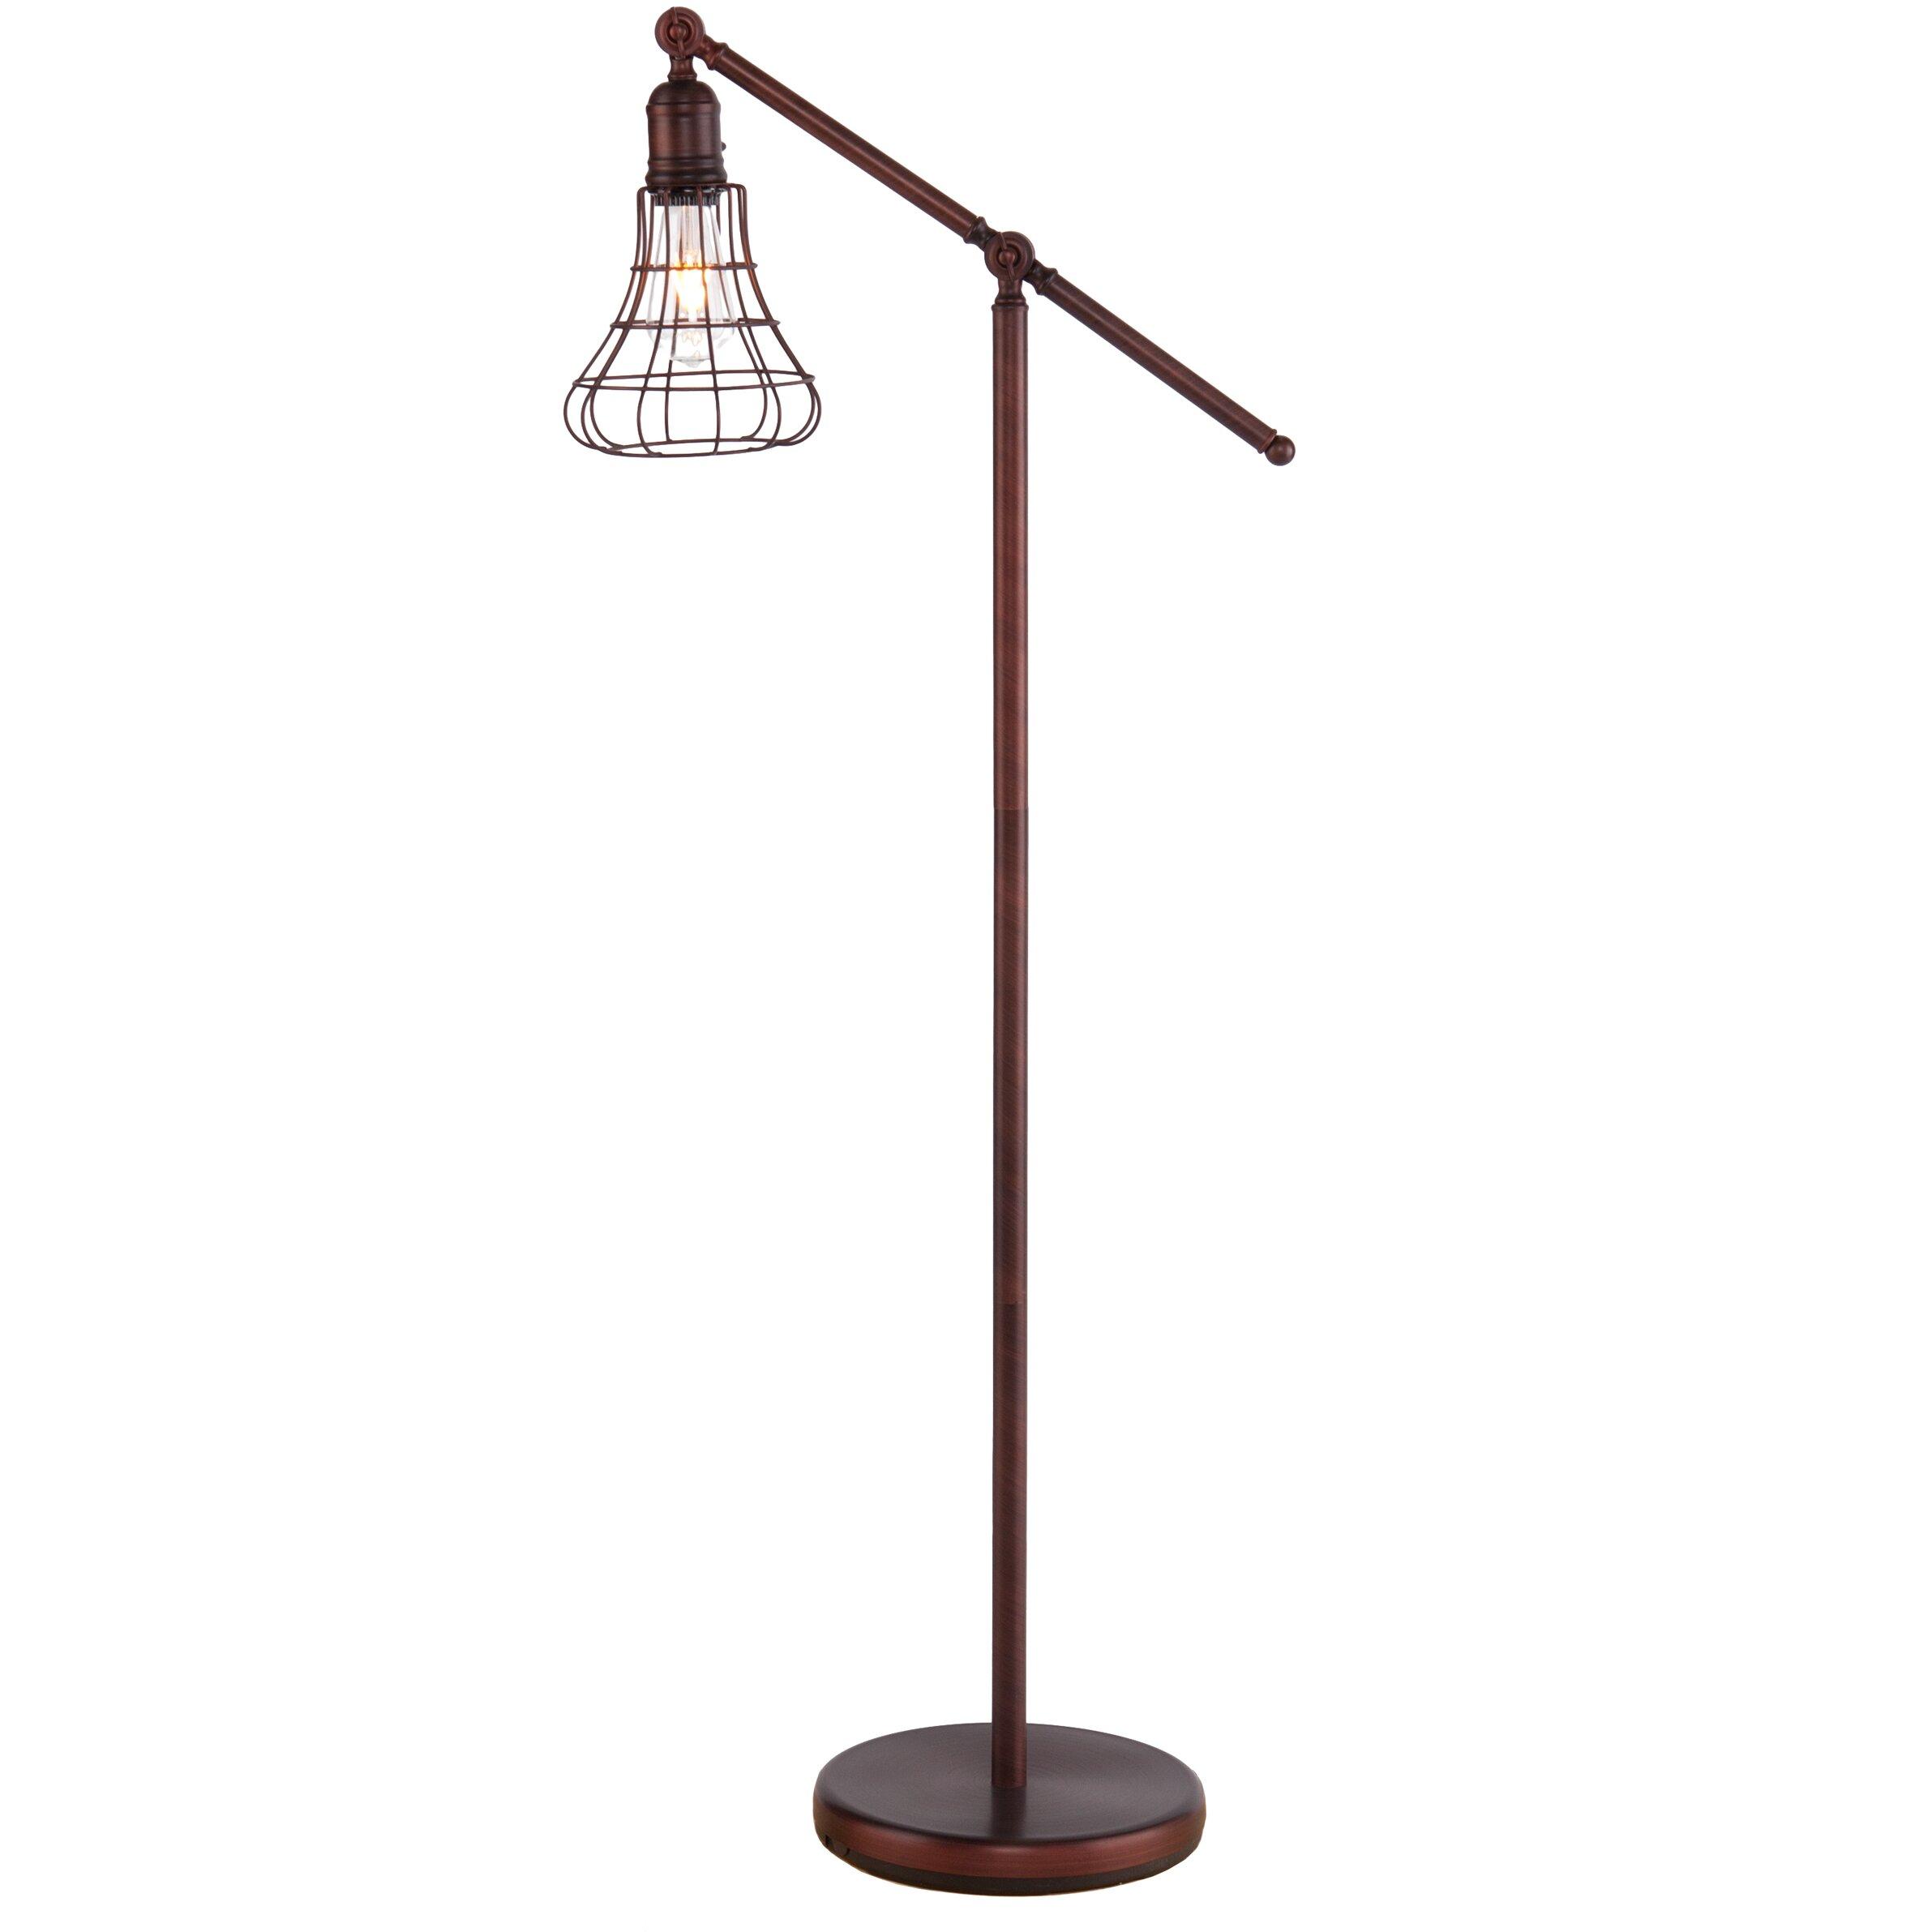 Trent austin design hanagita 52 task floor lamp reviews for Task lighting floor lamp